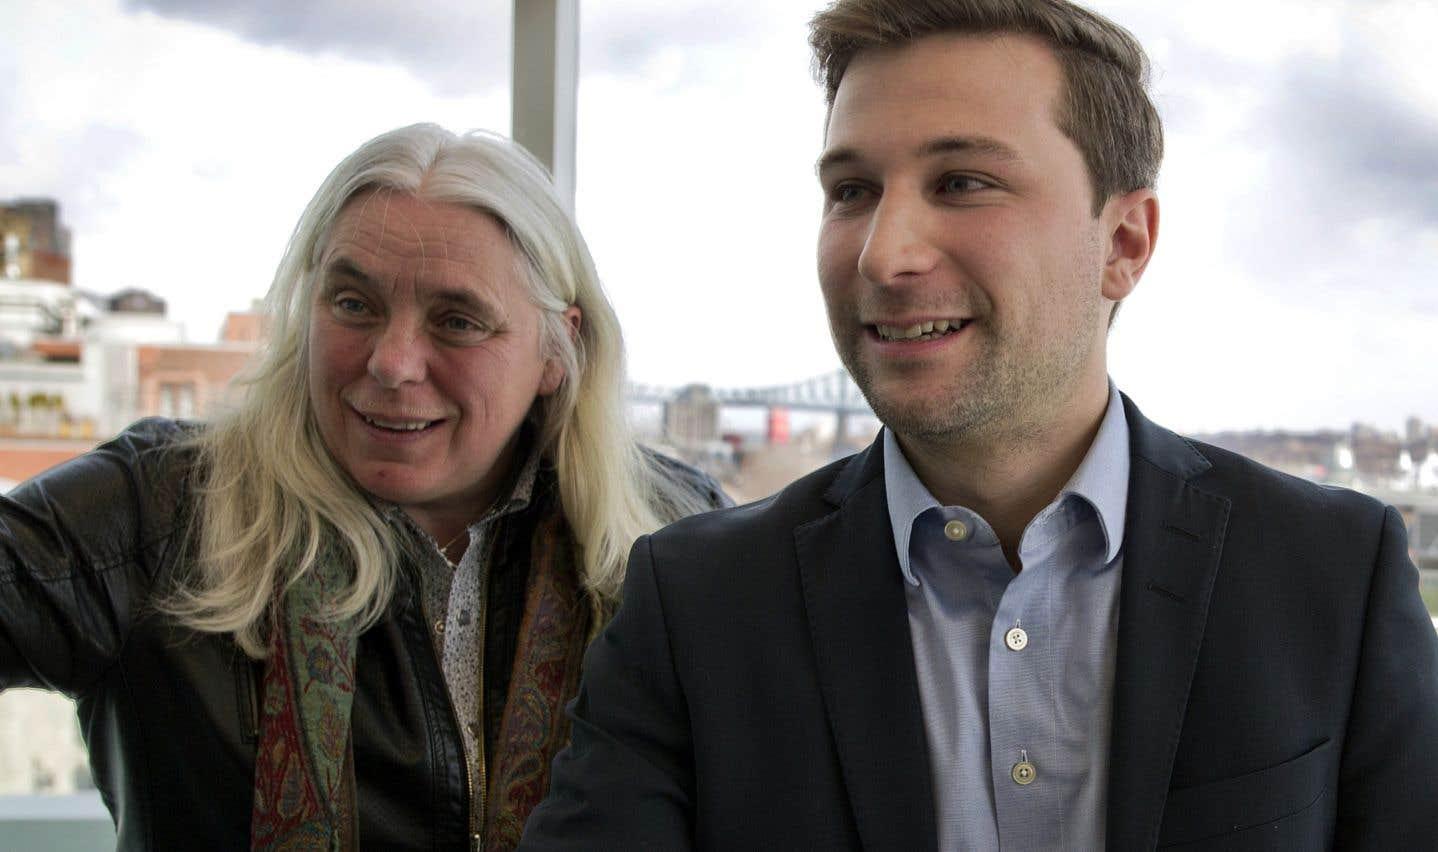 Le débat s'annonce houleux à Québec solidaire